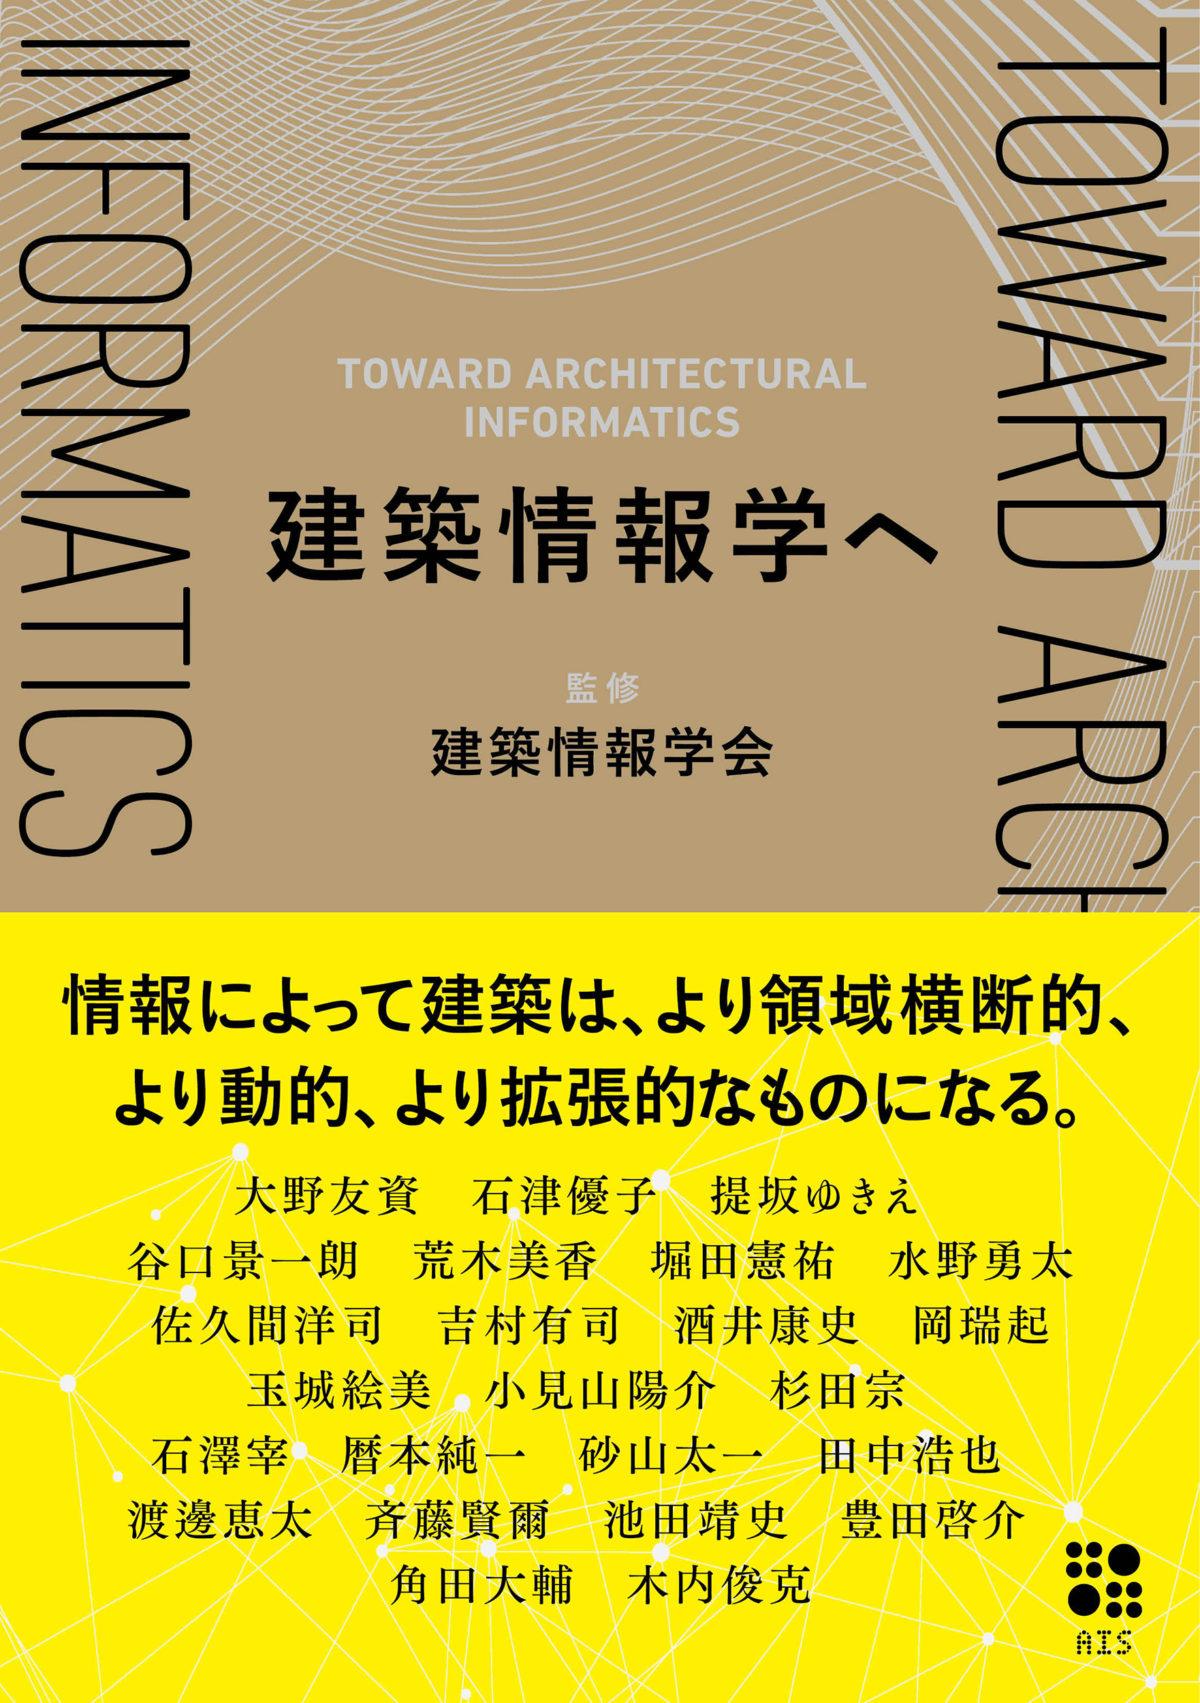 『建築情報学へ』 2020年12月末 刊行